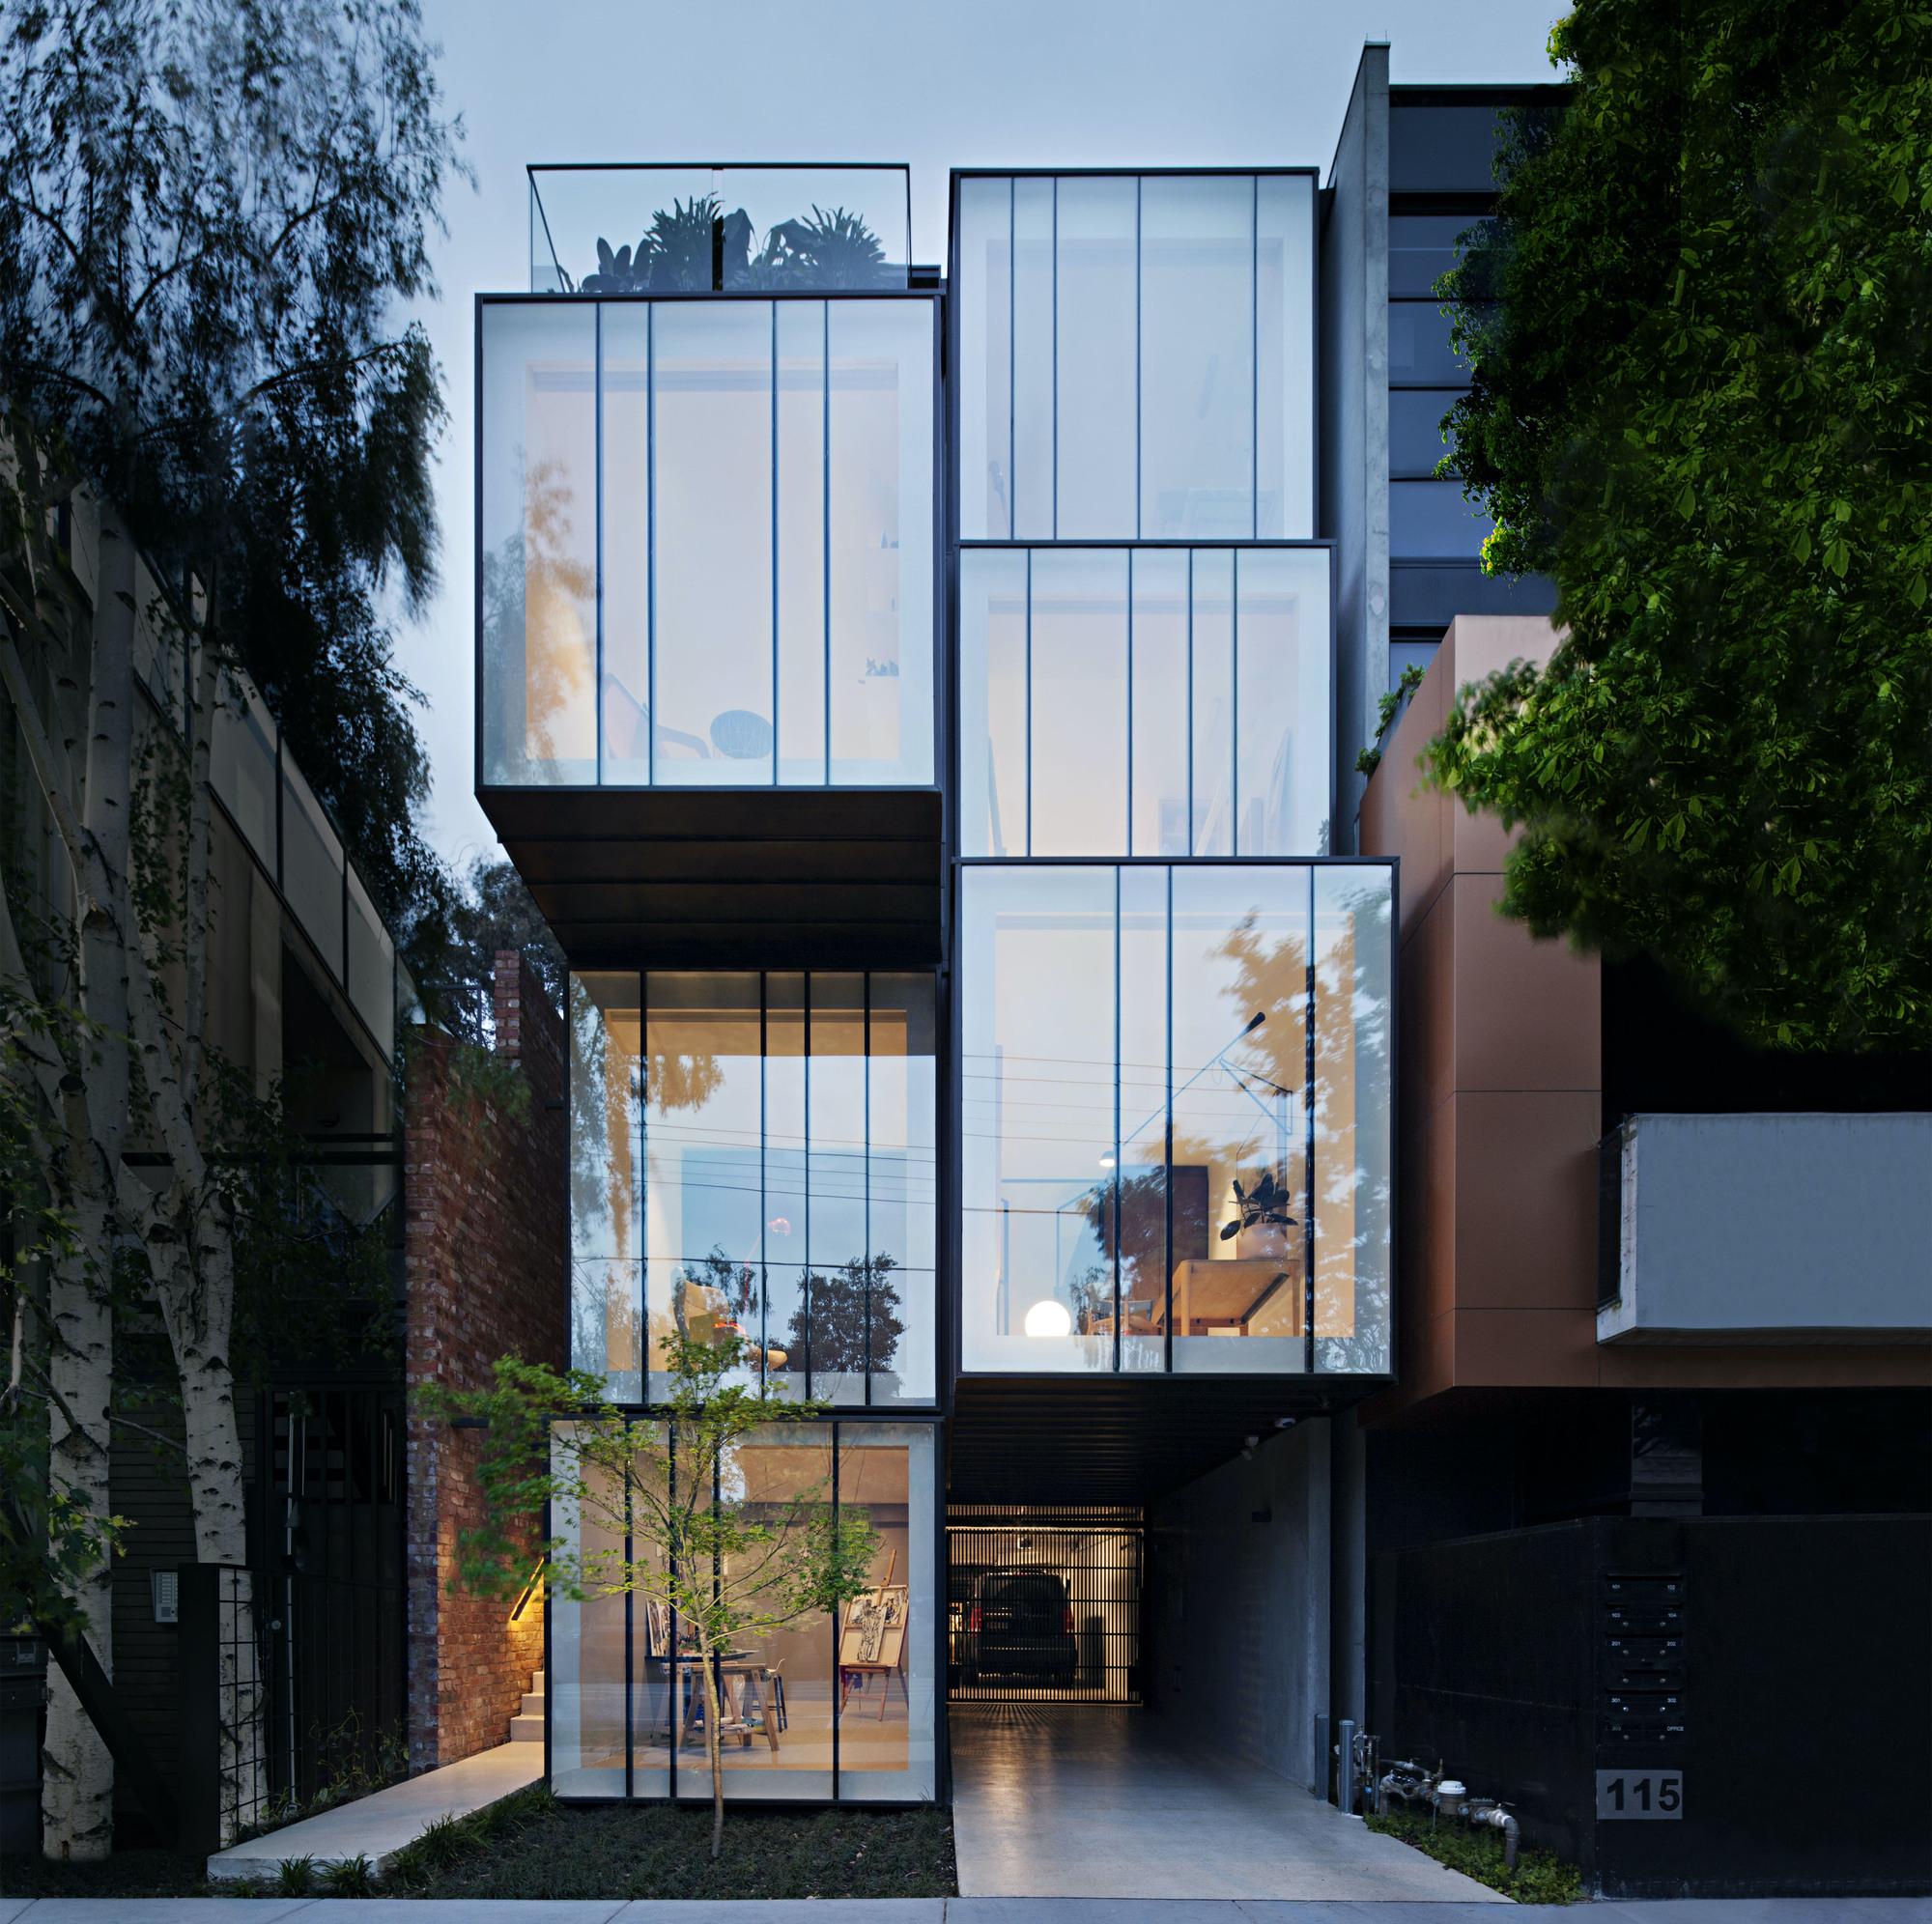 Wellington St Mixed Use / Matt Gibson Architecture + Design